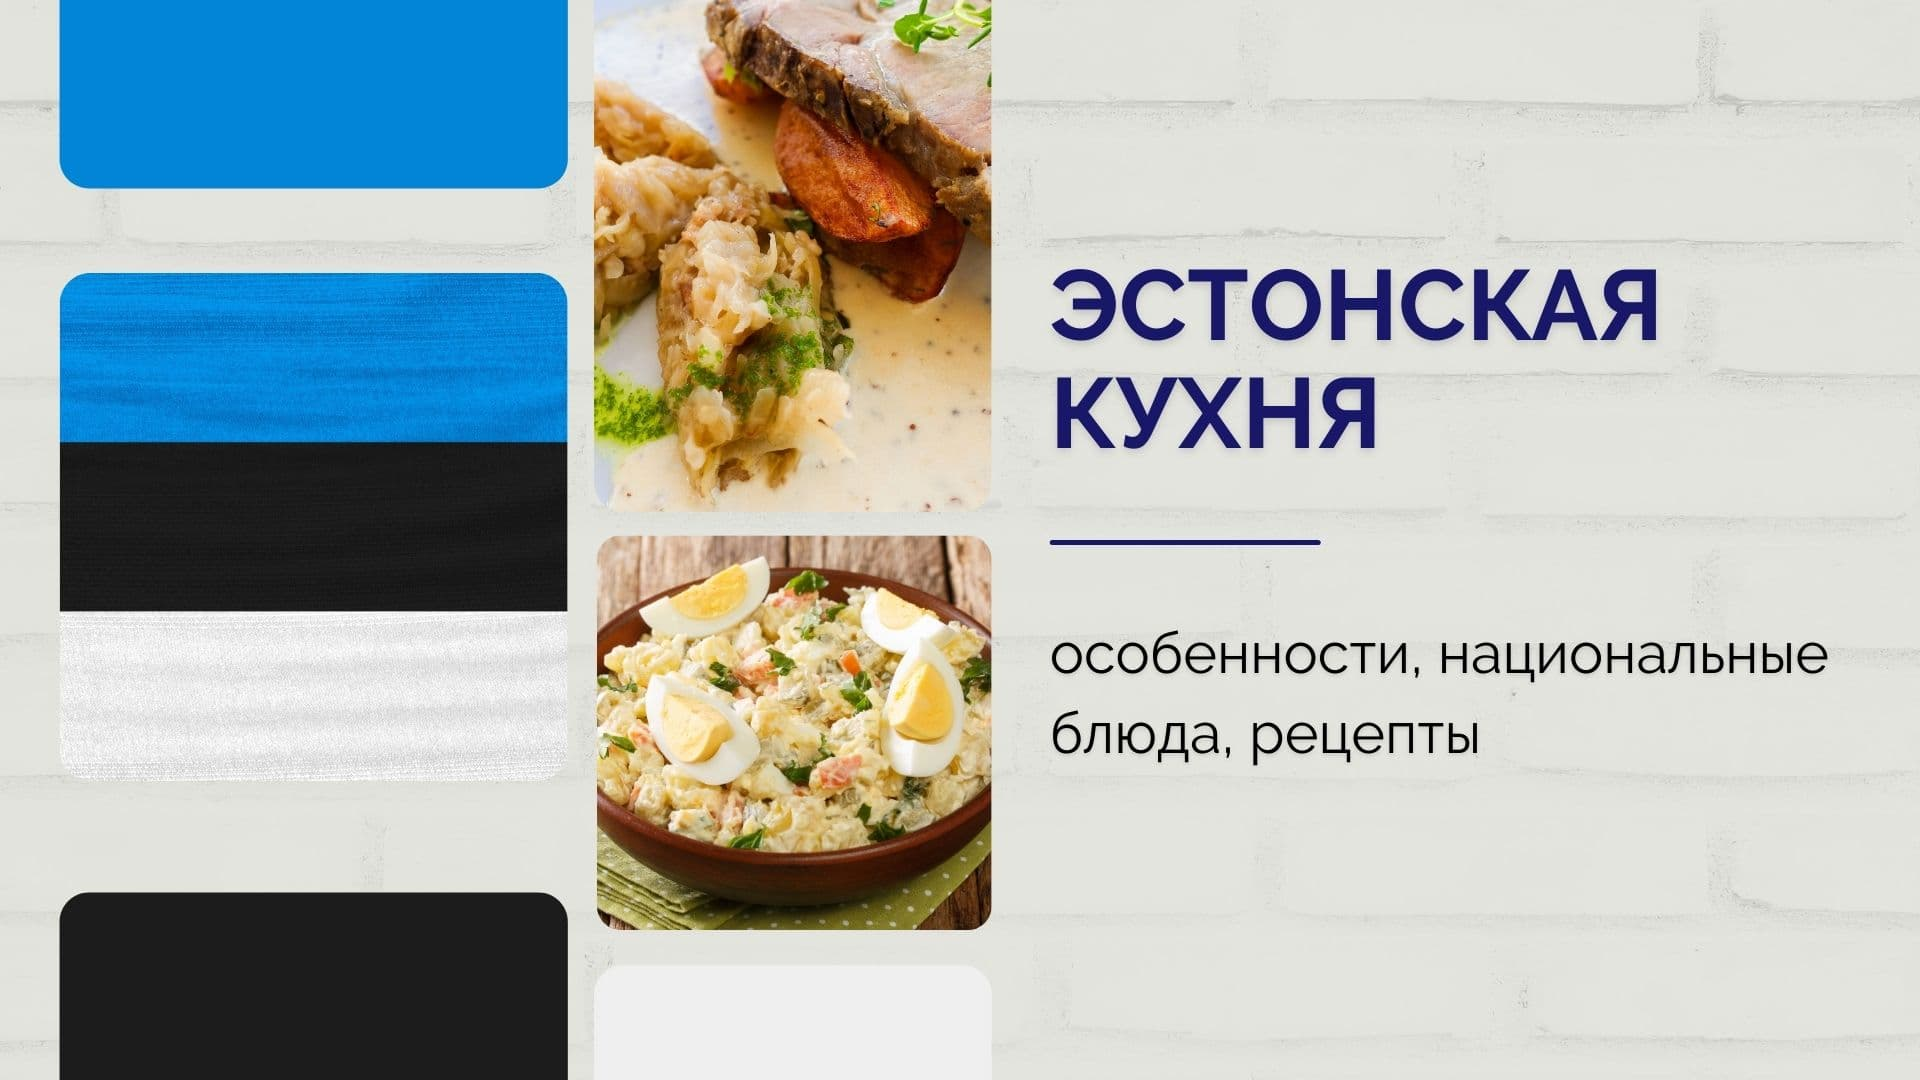 Эстонская кухня: особенности, национальные блюда, рецепты